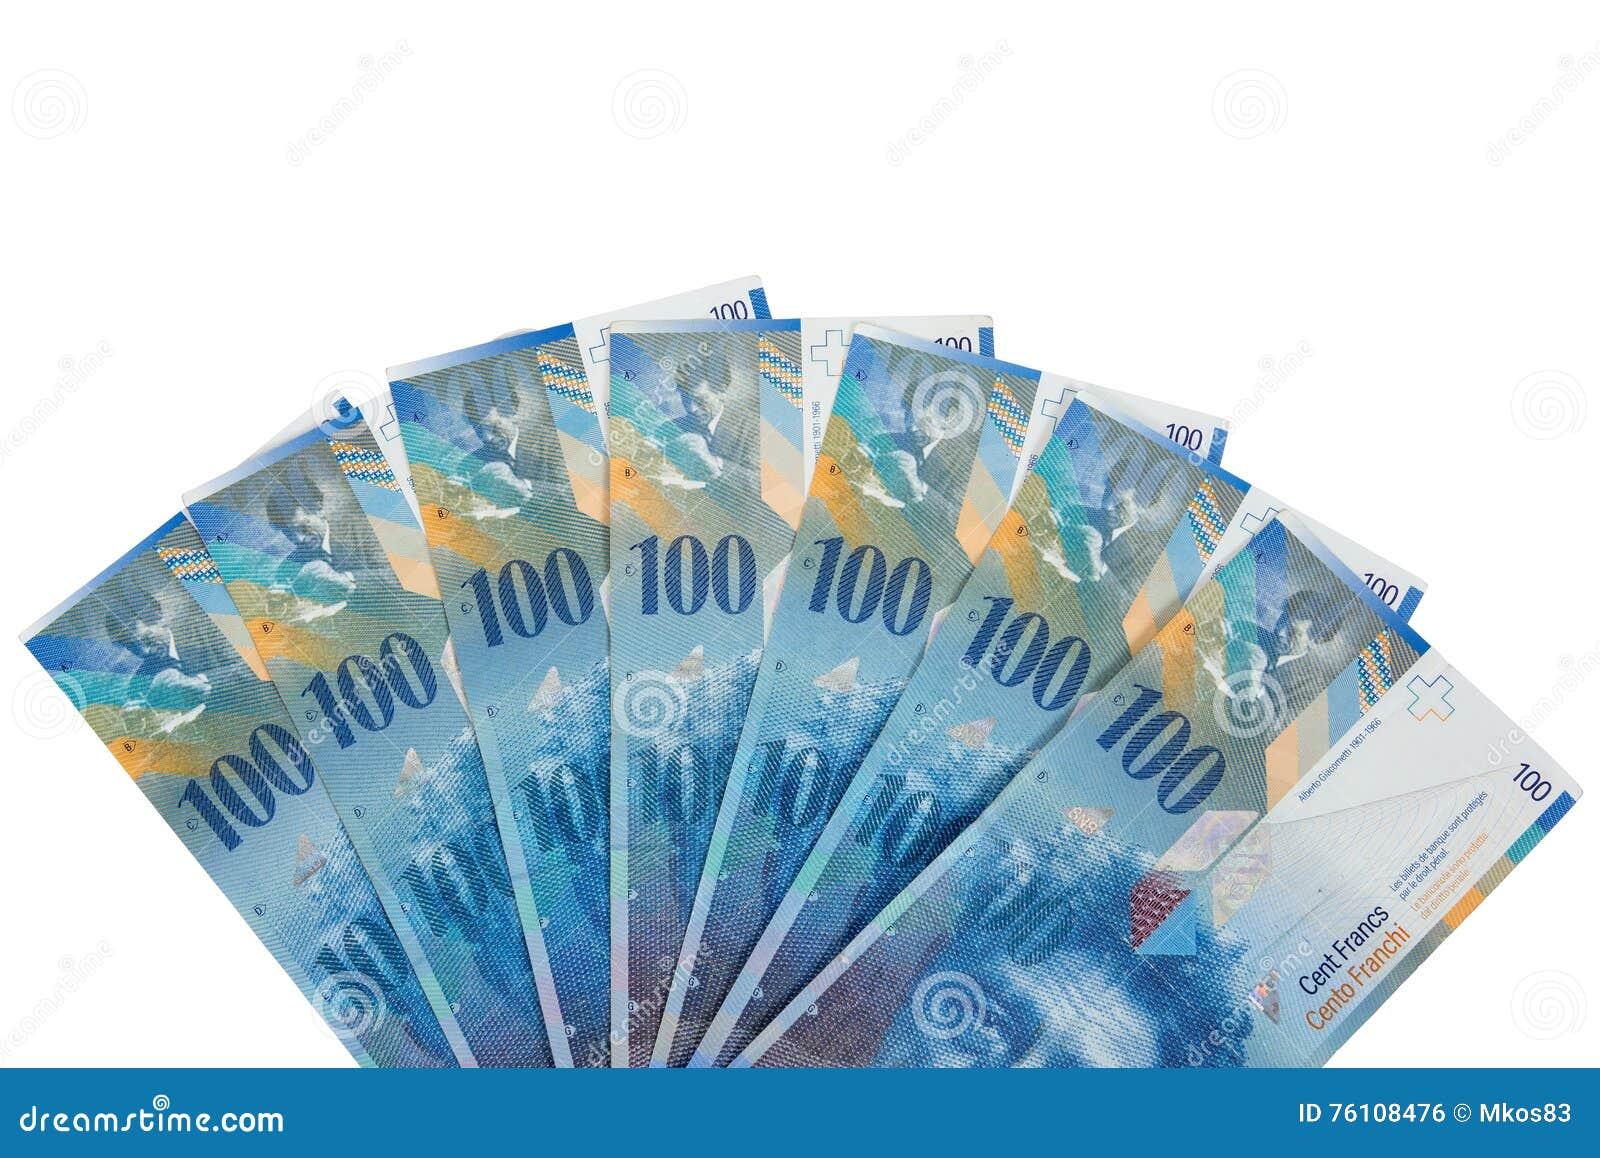 'Een slordige €100 mln weg in een kwartier; het was vreselijk'